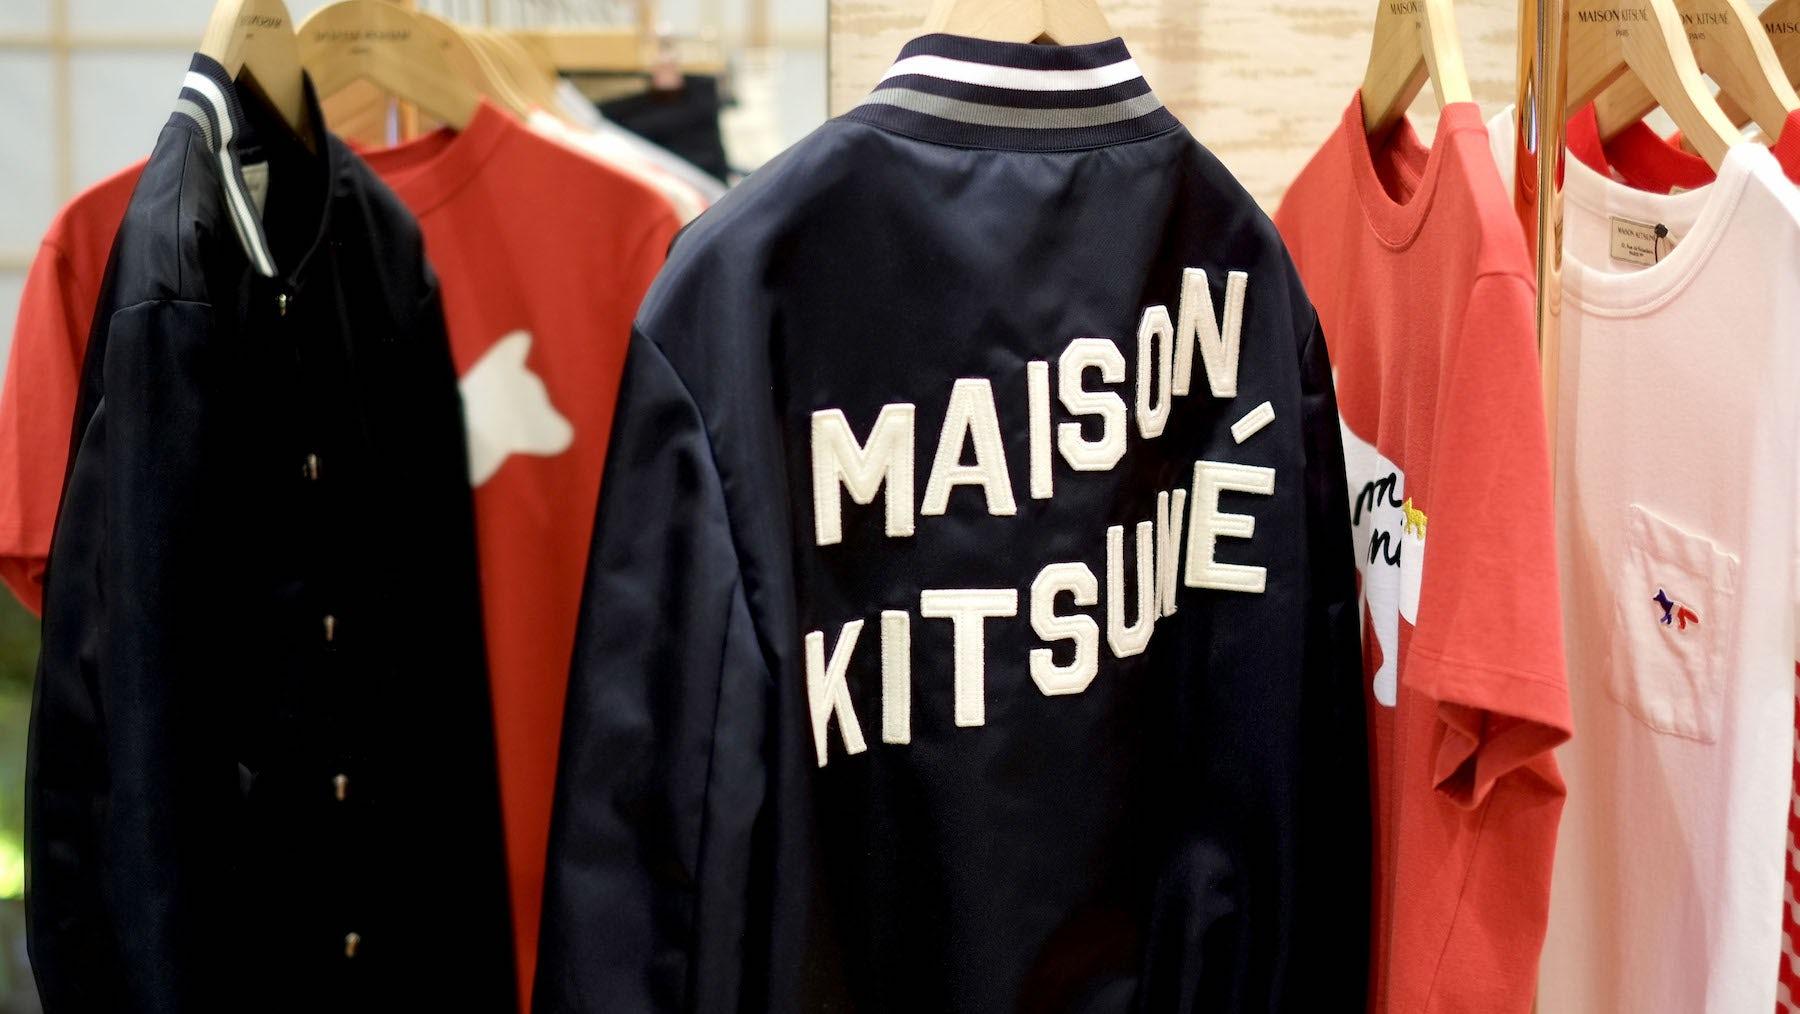 Maison Kitsuné | Source: Courtesy